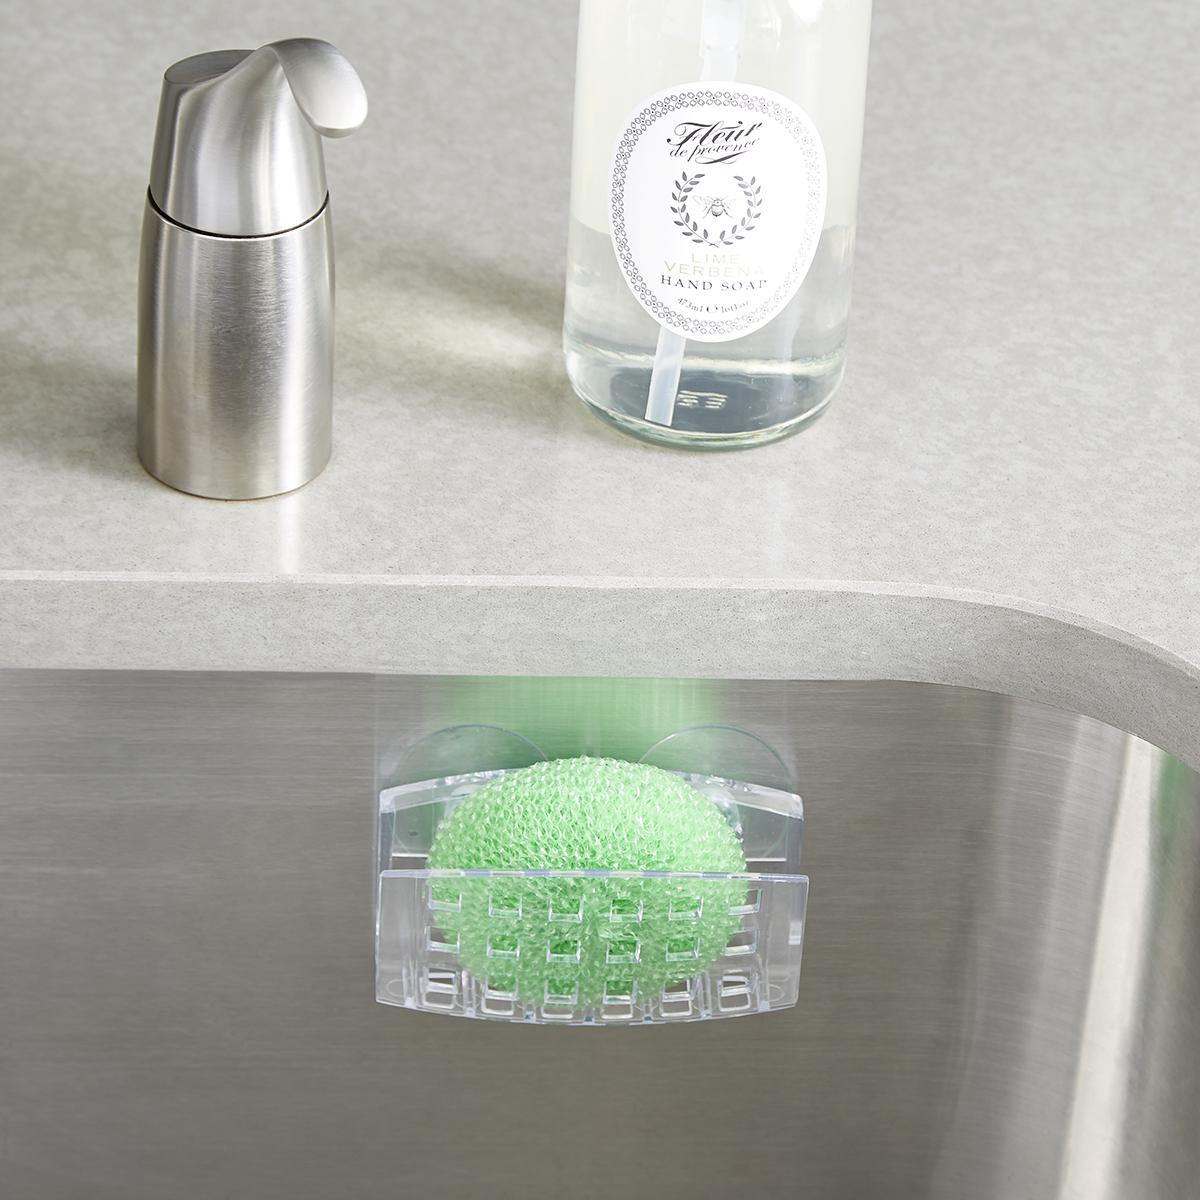 idesign suction sponge holder